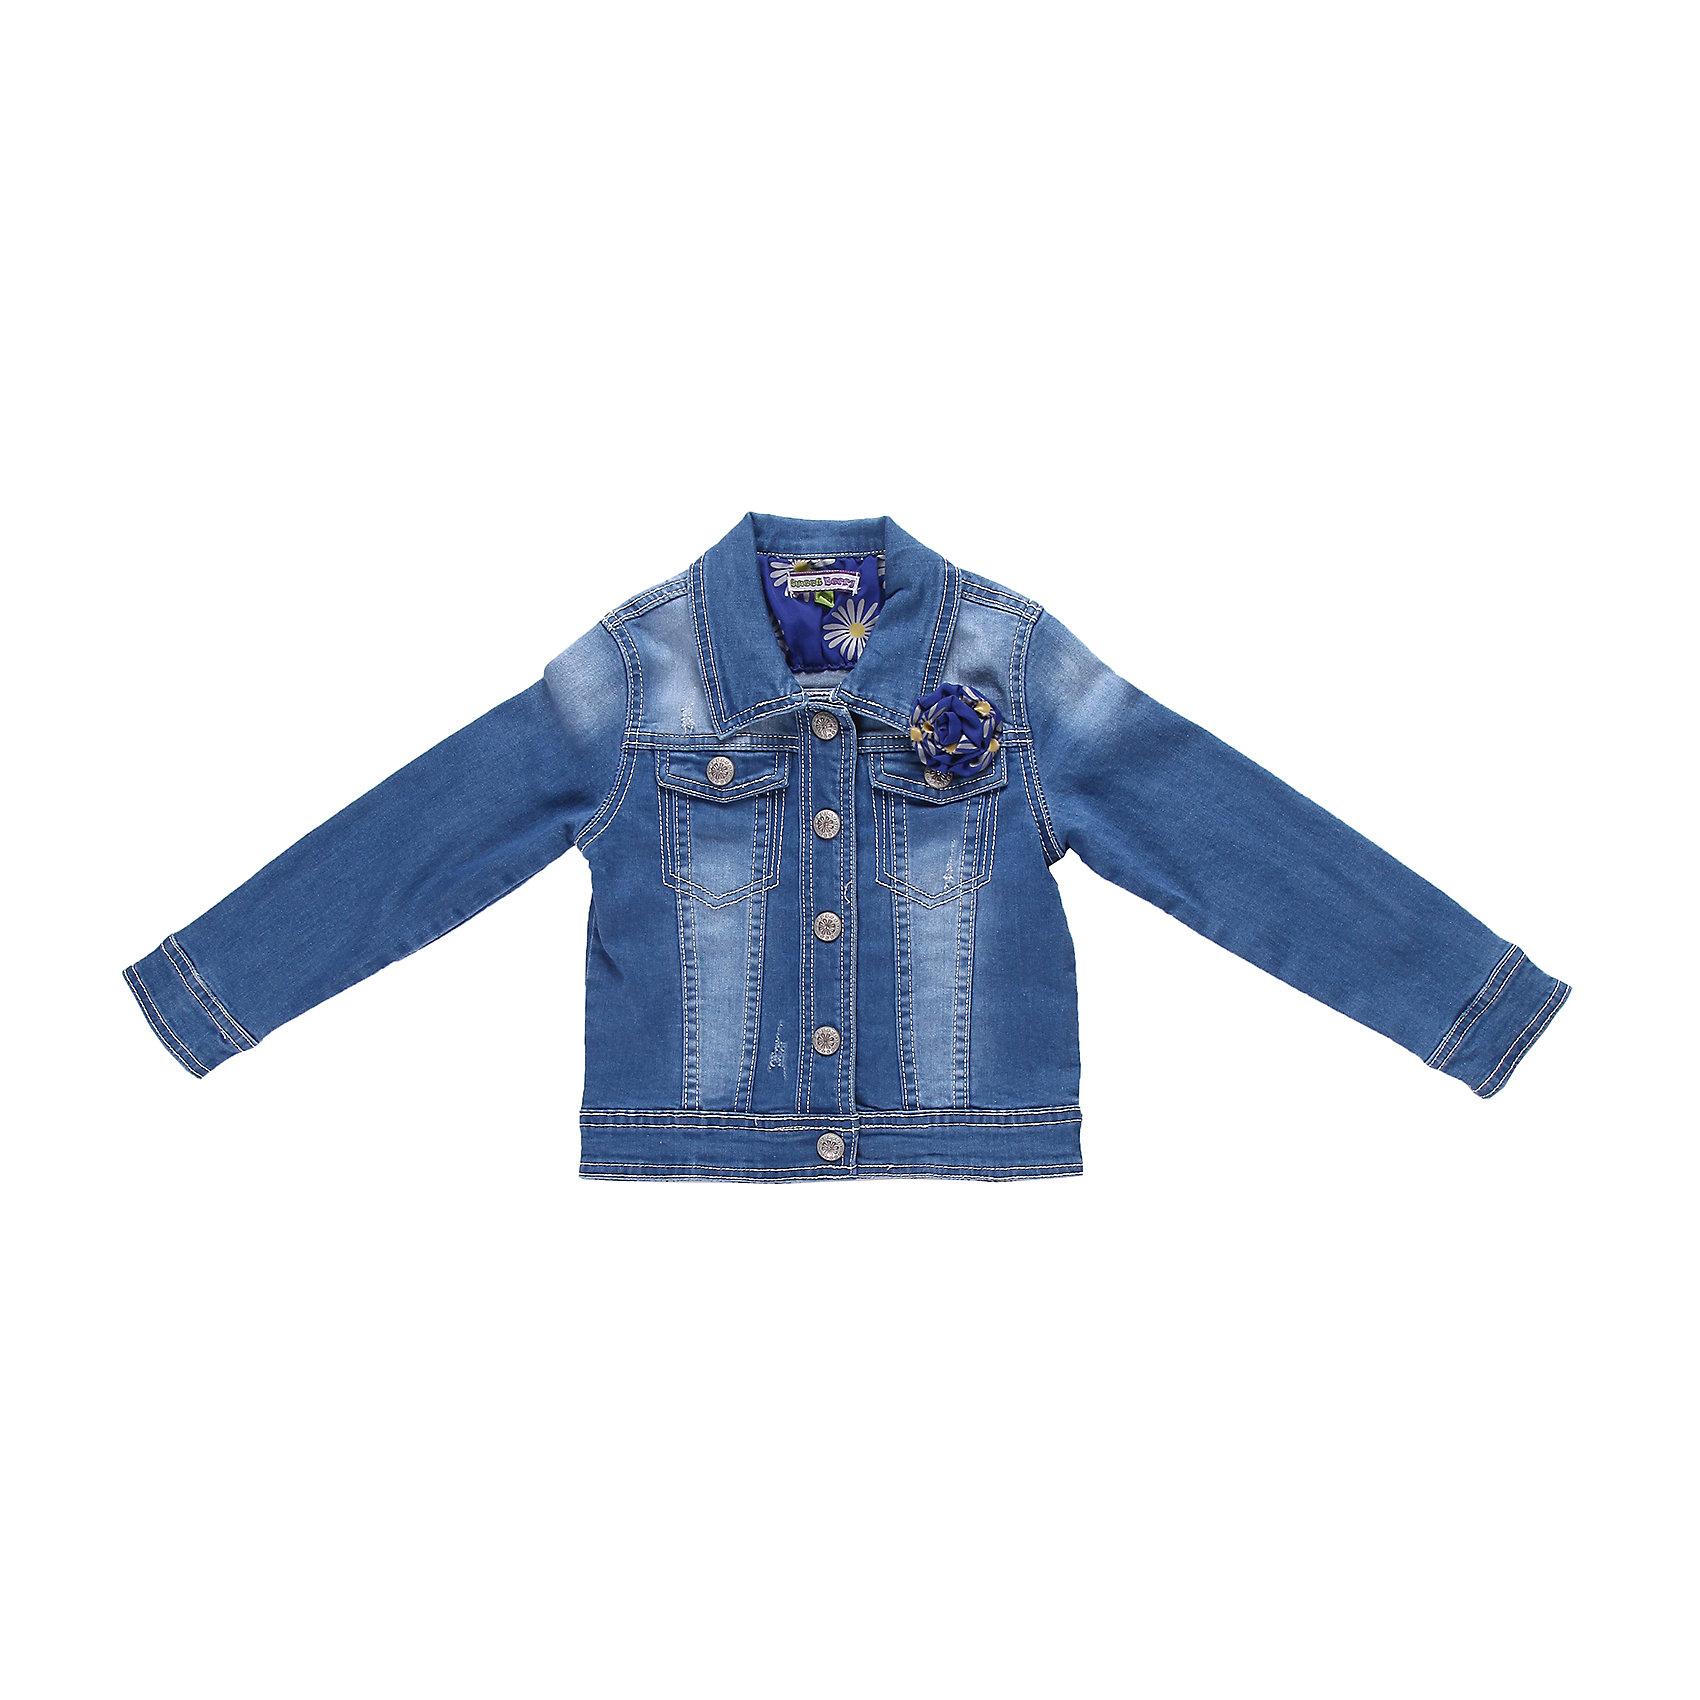 Куртка джинсовая для девочки Sweet BerryВерхняя одежда<br>Джинсовая куртка с контрастной отделкой на кнопках.<br>Состав:<br>98% хлопок, 2% эластан<br><br>Ширина мм: 356<br>Глубина мм: 10<br>Высота мм: 245<br>Вес г: 519<br>Цвет: голубой<br>Возраст от месяцев: 24<br>Возраст до месяцев: 36<br>Пол: Женский<br>Возраст: Детский<br>Размер: 98,116,104,128,122,110<br>SKU: 4520796